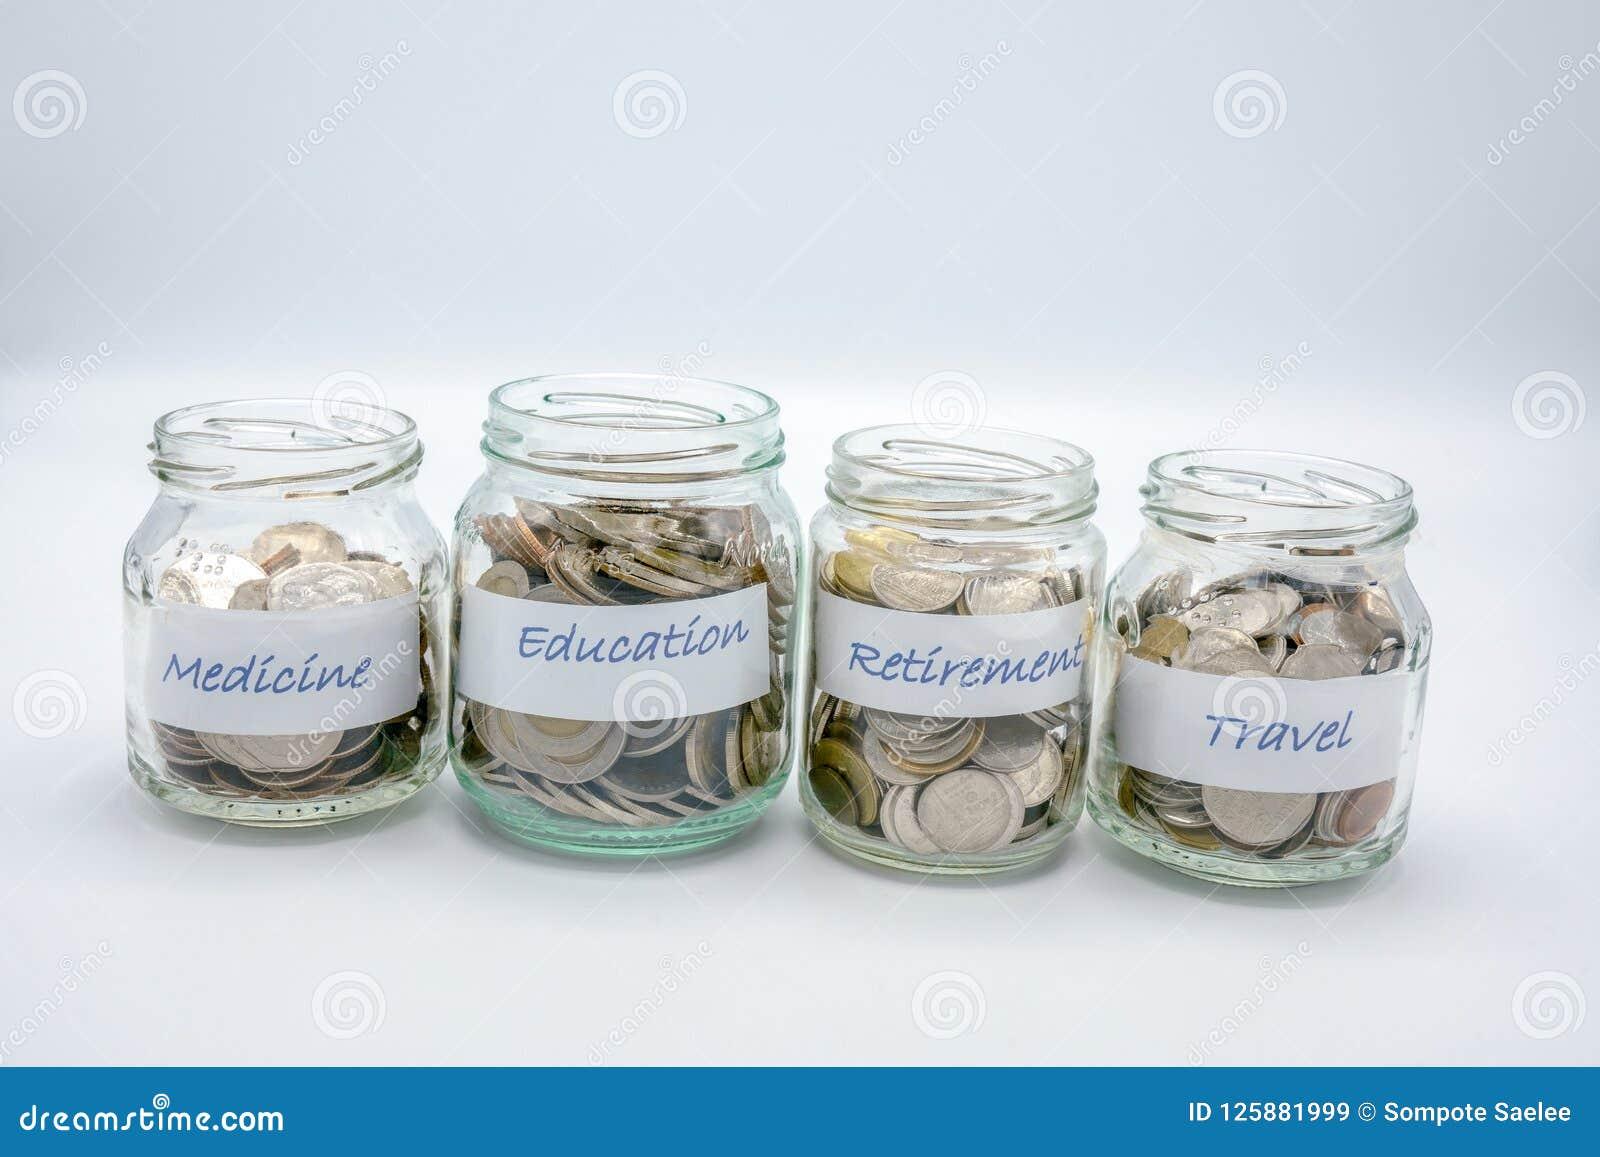 Quatro garrafas de vidro encheram-se com as moedas com papel de etiqueta da medicina, educação, aposentadoria, curso